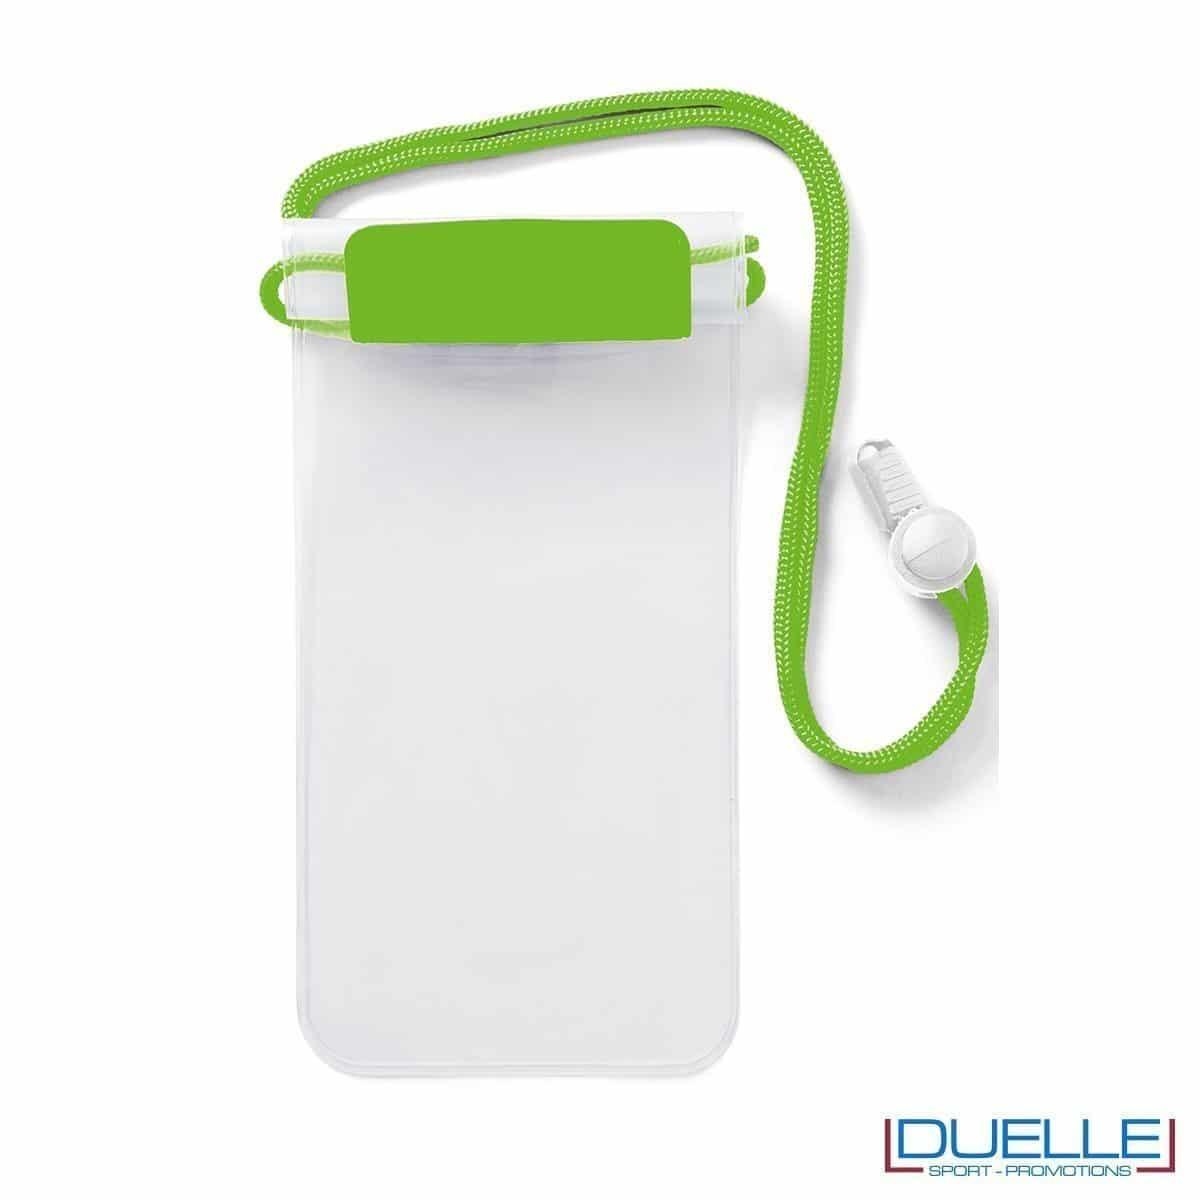 Porta cellulare impermeabile personalizzabile verde fluo